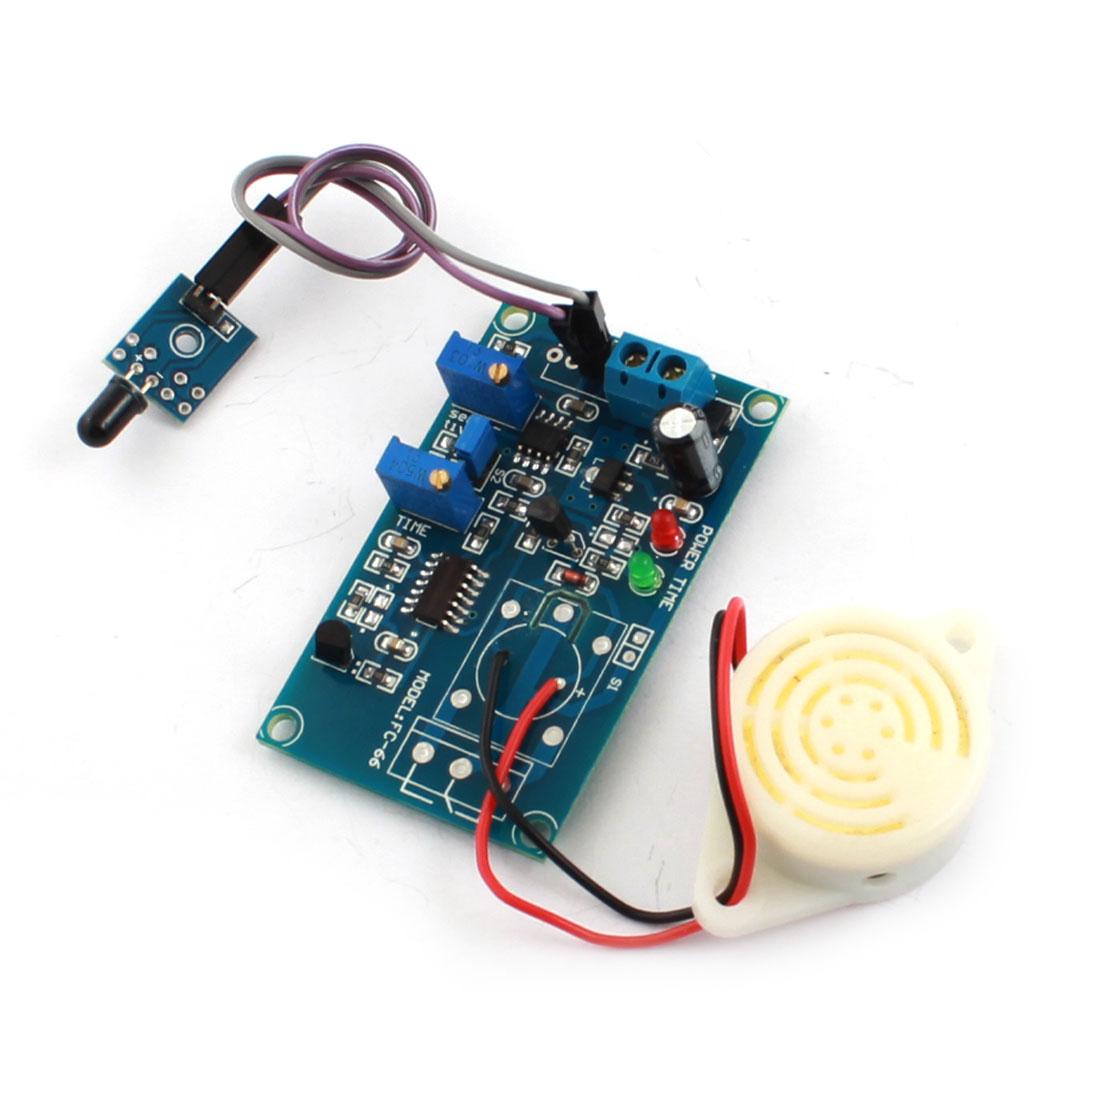 FC-66 DC24V Flame Sensor Detection Infrared Reciever Buzzer Delay PCB Circuit Module Green